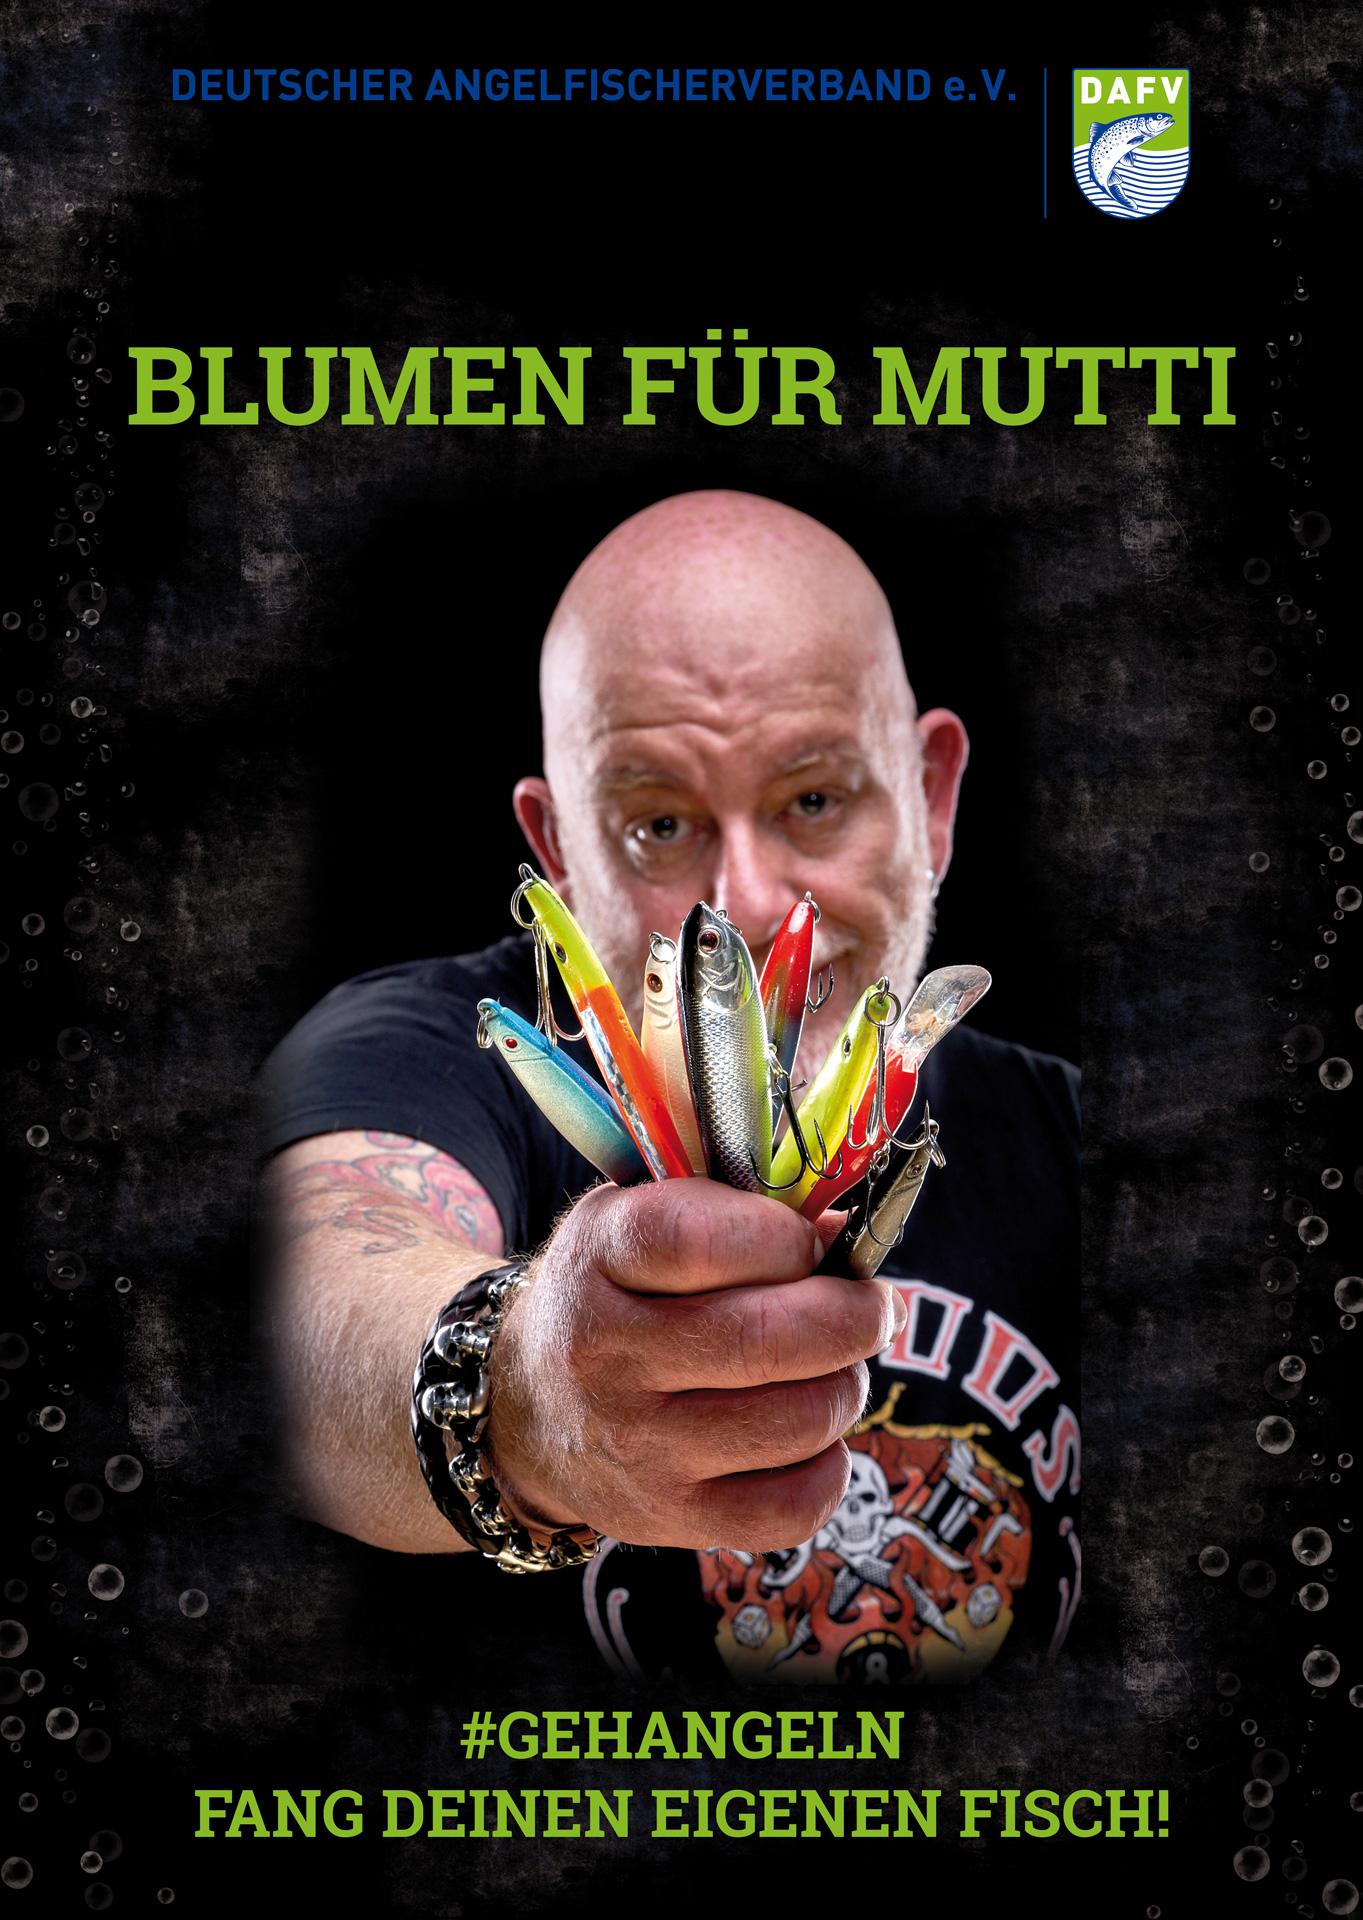 DAFV_Kampagne_blumen_fuer_mutti